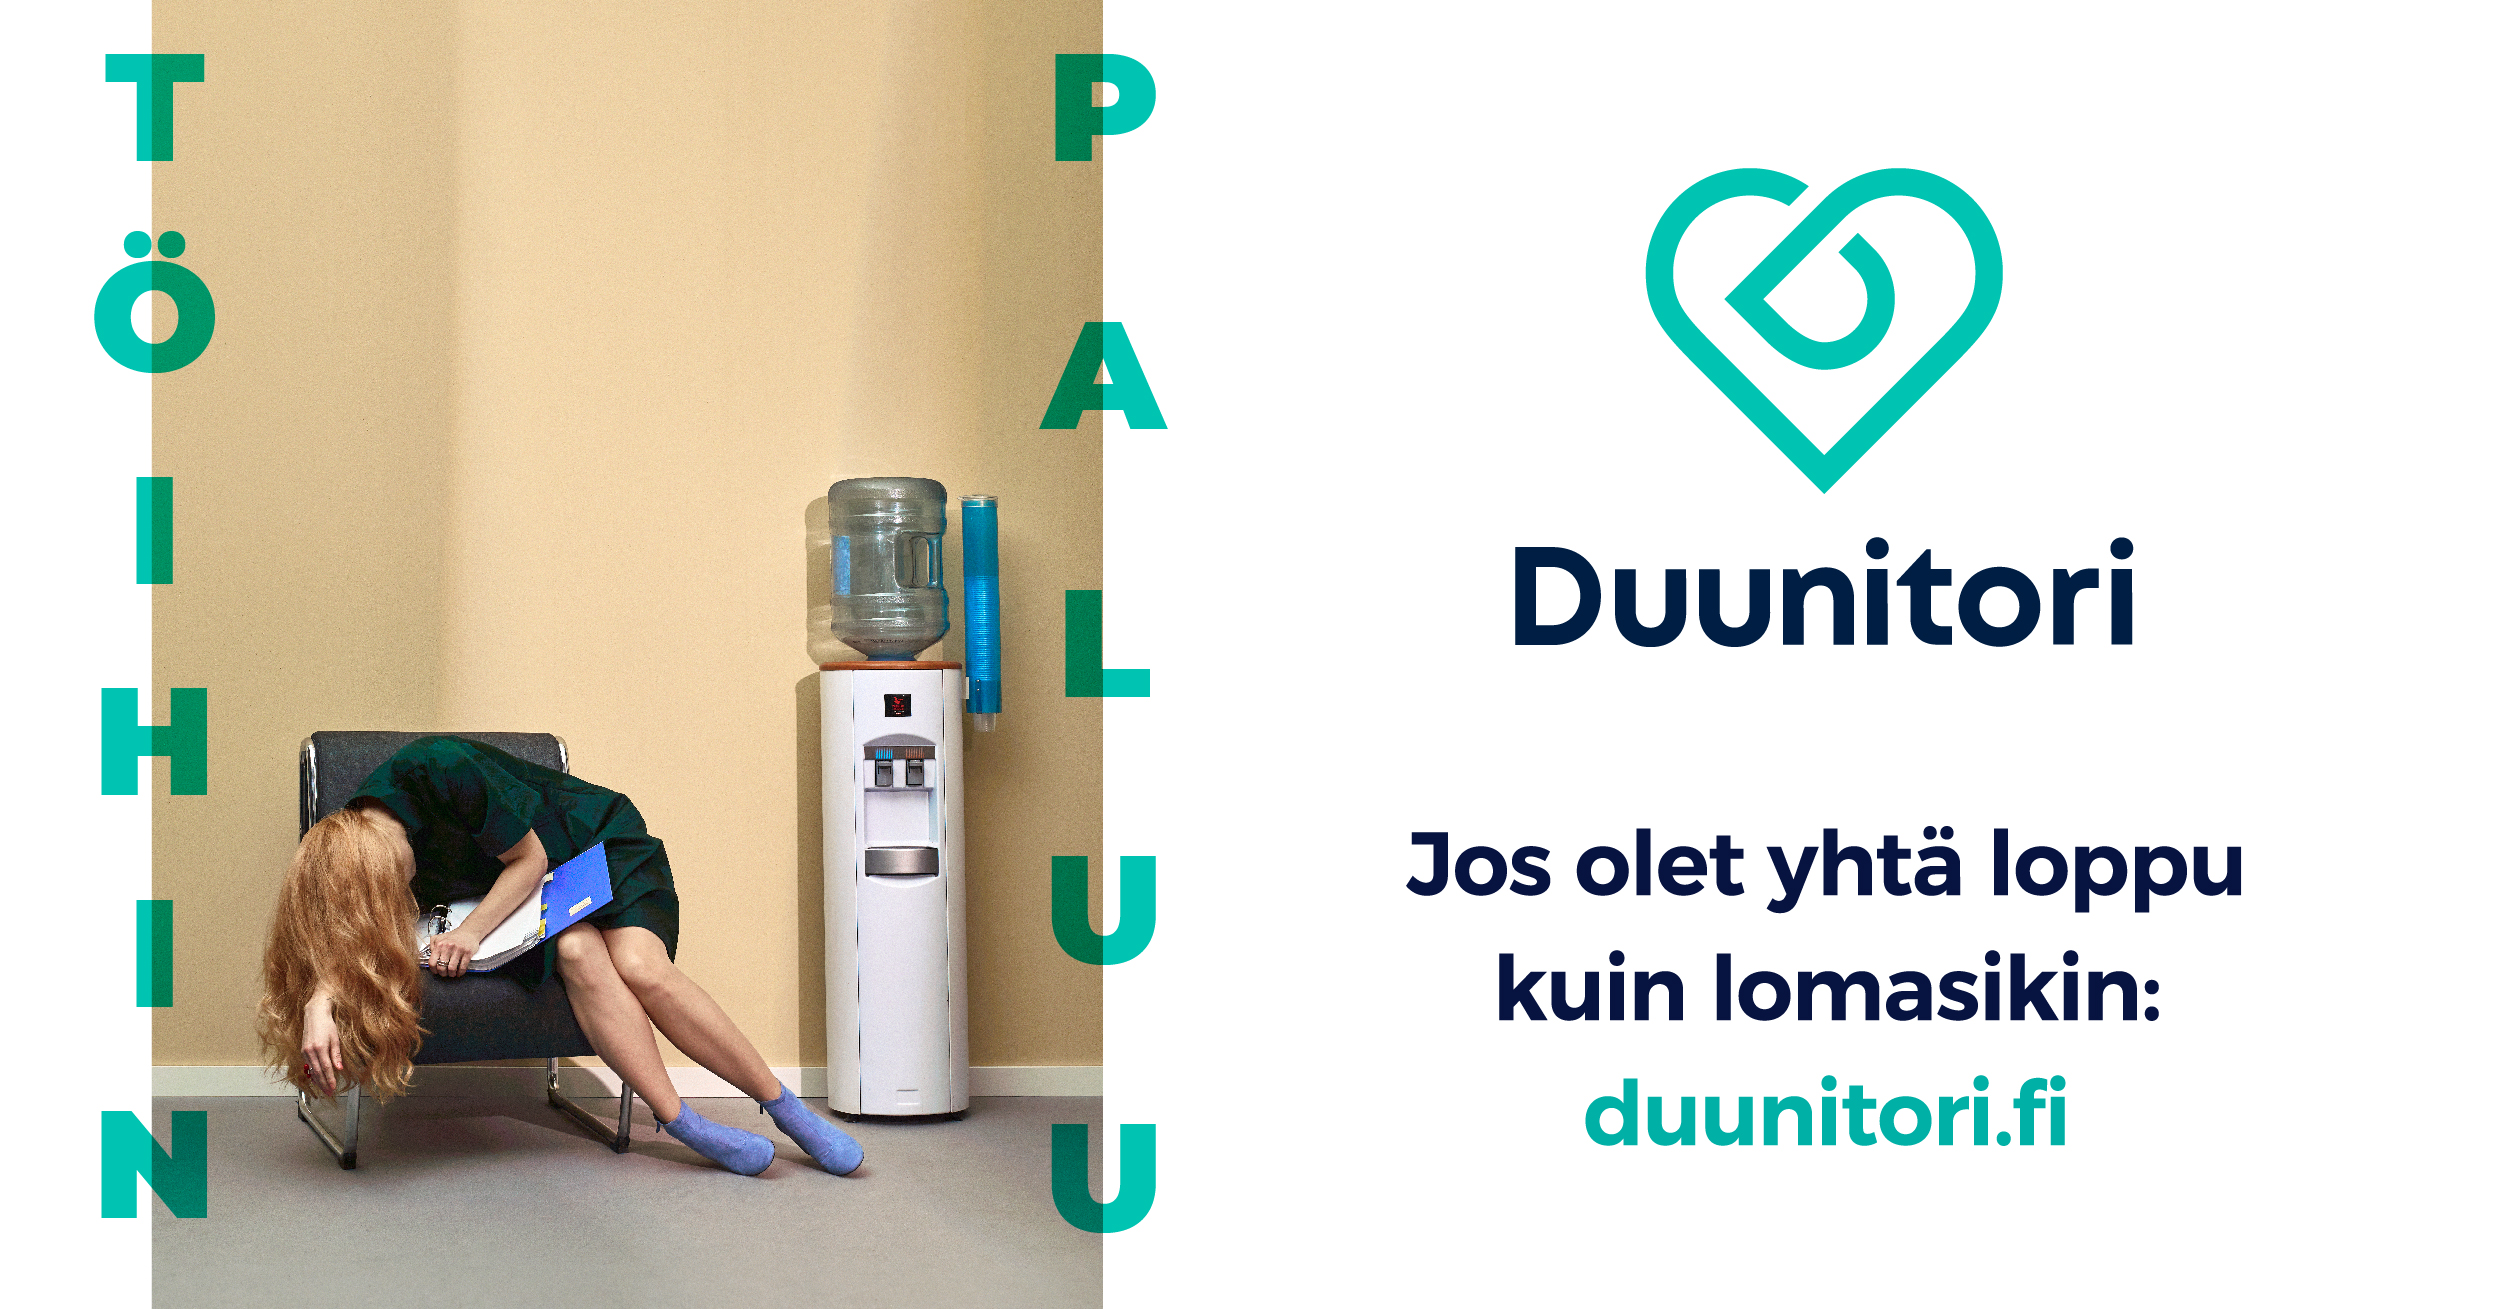 Duunitroi